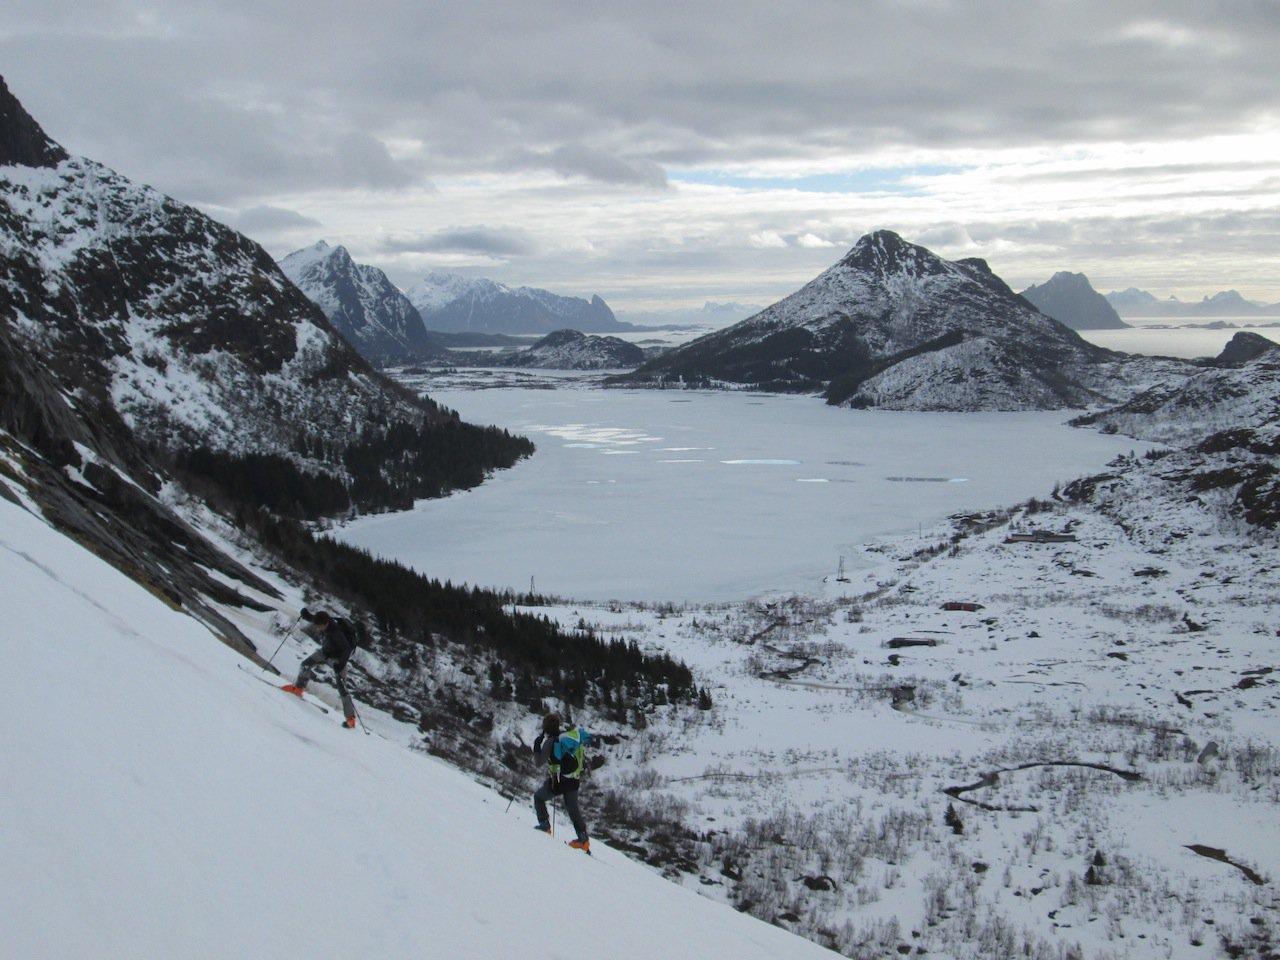 Salita dei ripidi pendii iniziali. Sullo sfondo il lago Stor-Kongsvatnet contornato dalla pista di fondo